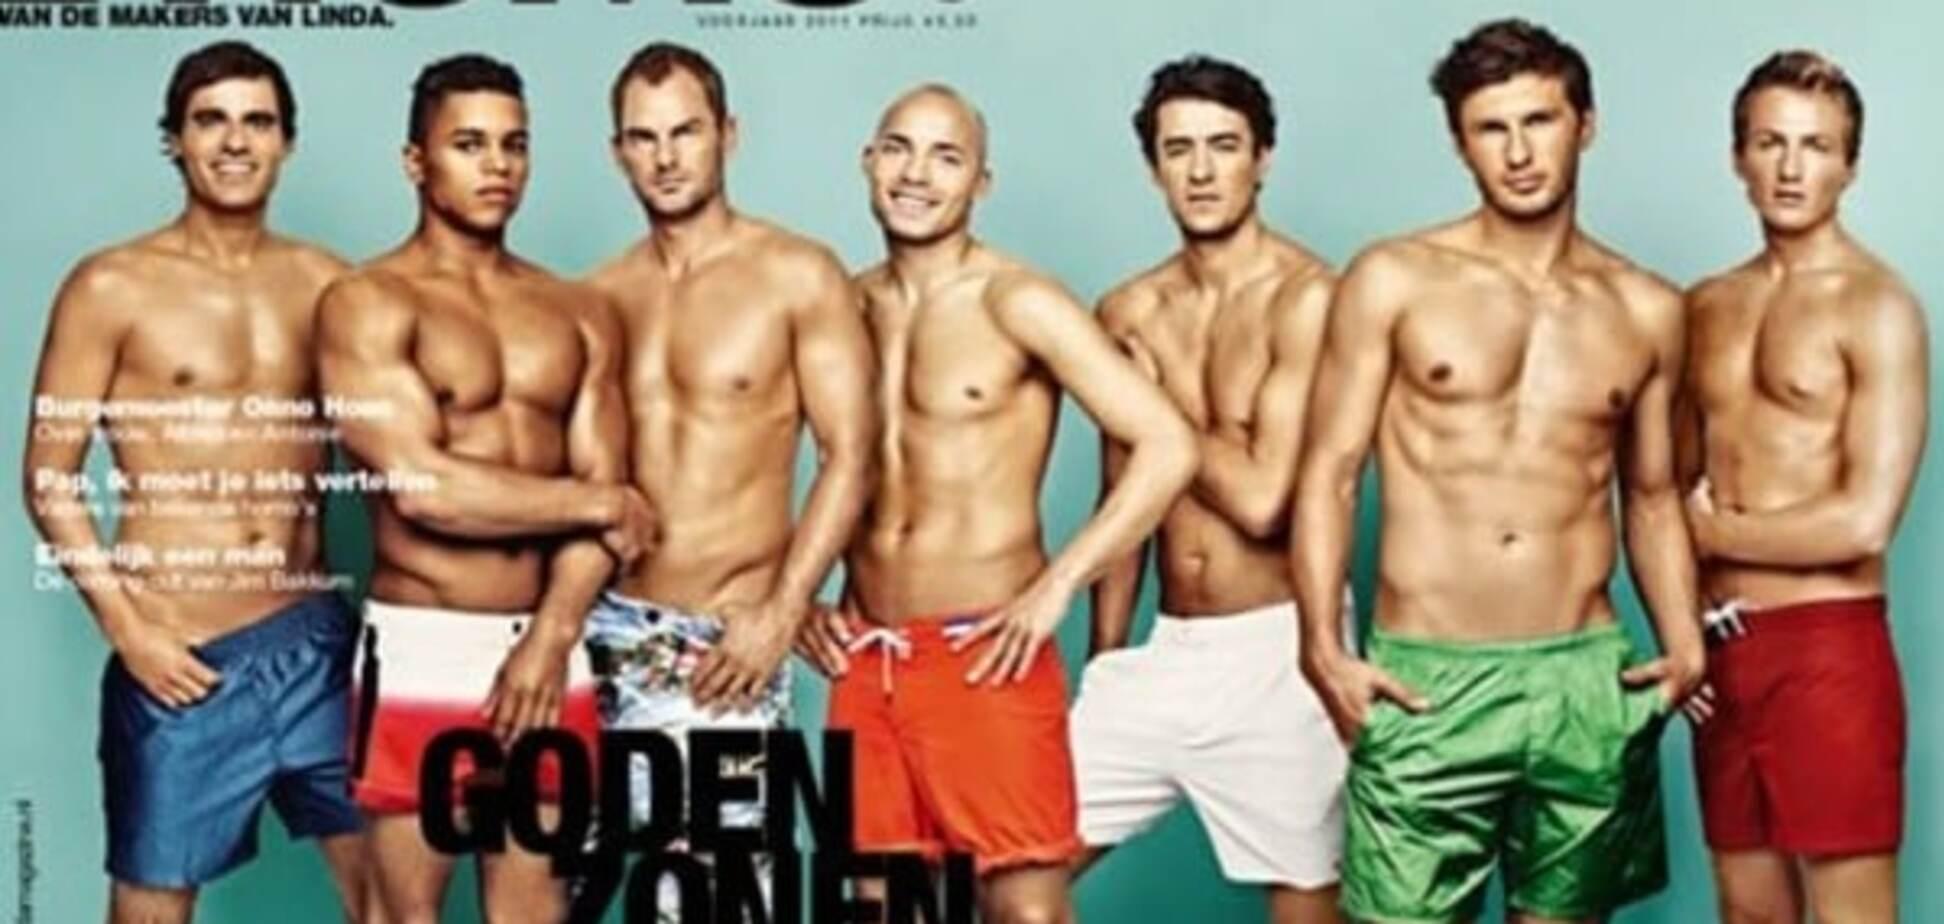 Віце-чемпіона світу в Росії вважали геєм через фотосесію з українцем